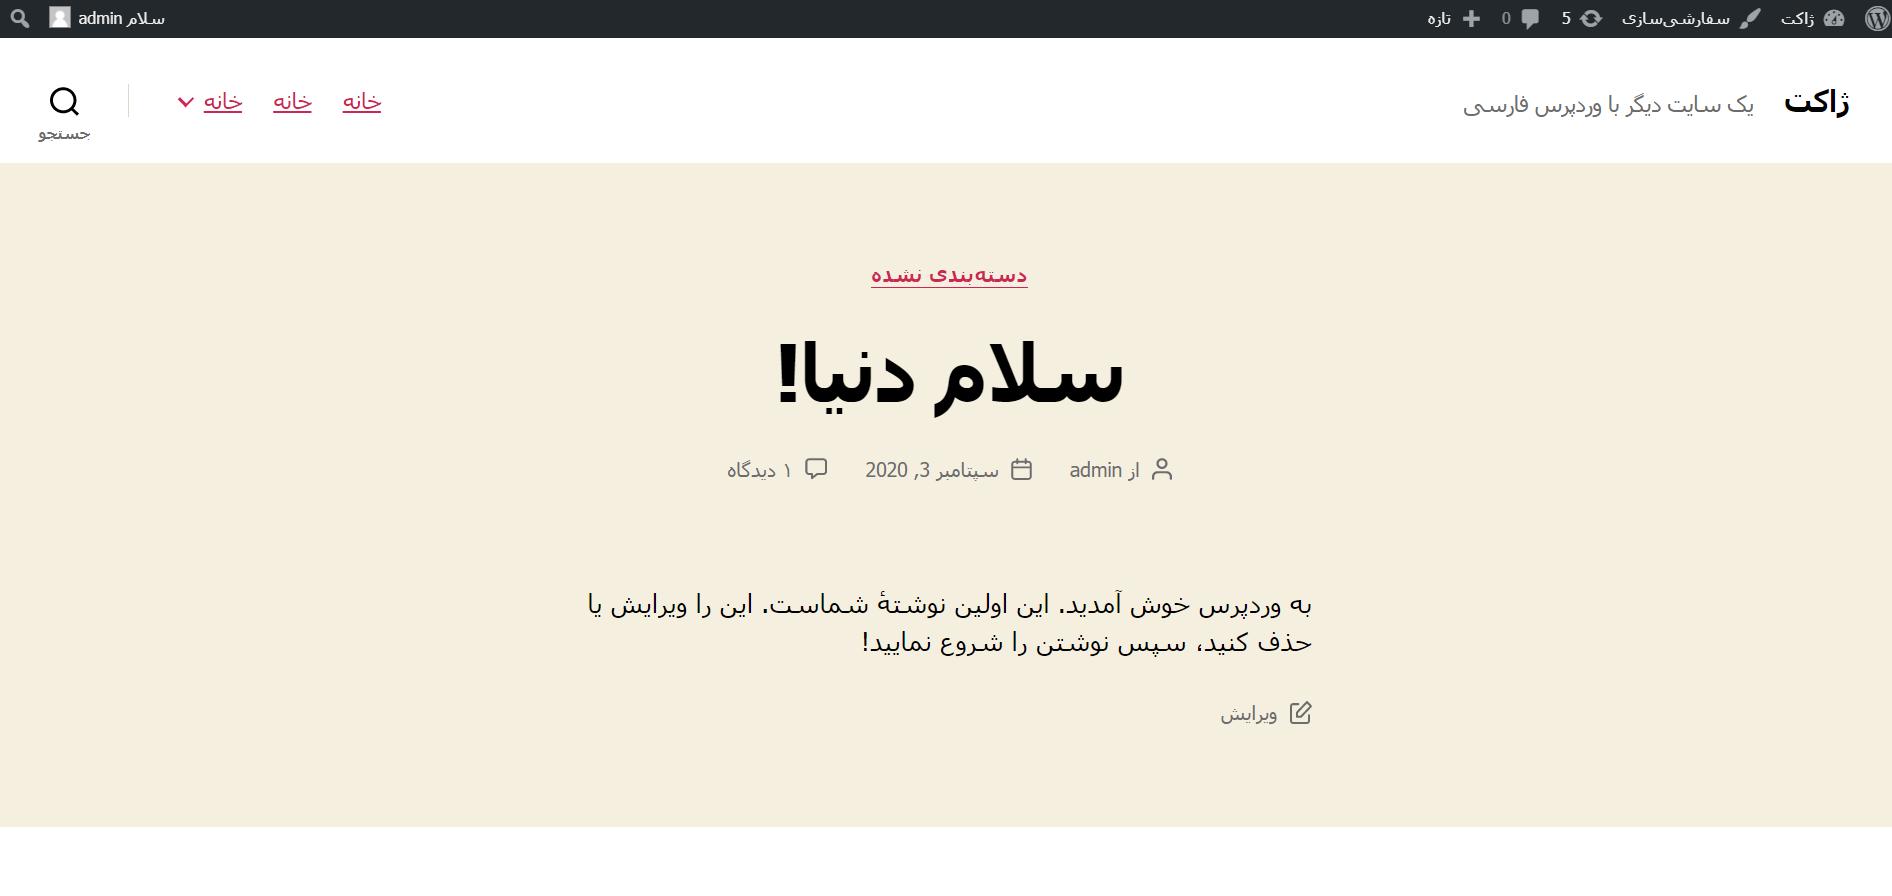 ویرایش صفحه اصلی سایت